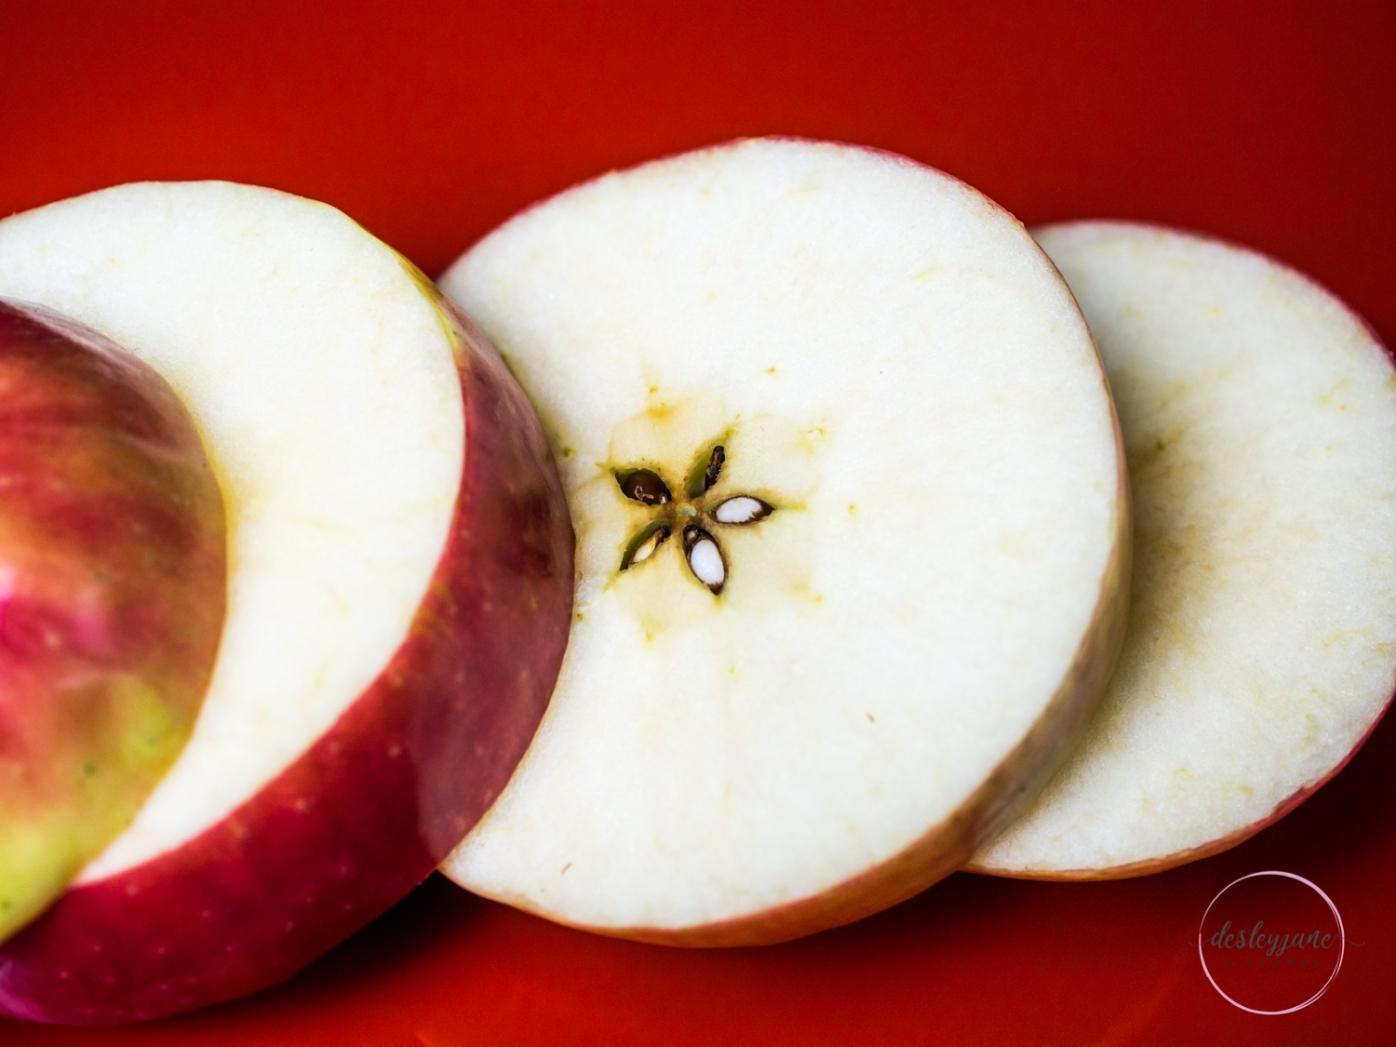 Mixed_Fruit-18